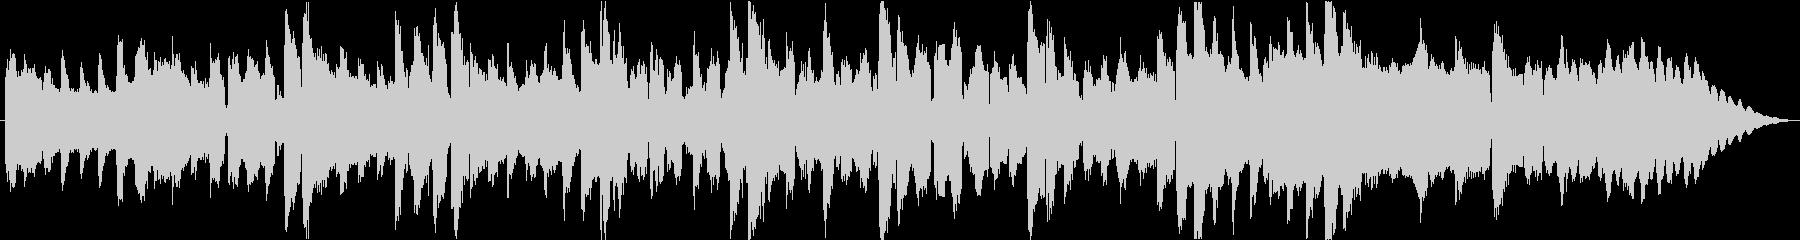 フルートの短いメロディーのためのピ...の未再生の波形